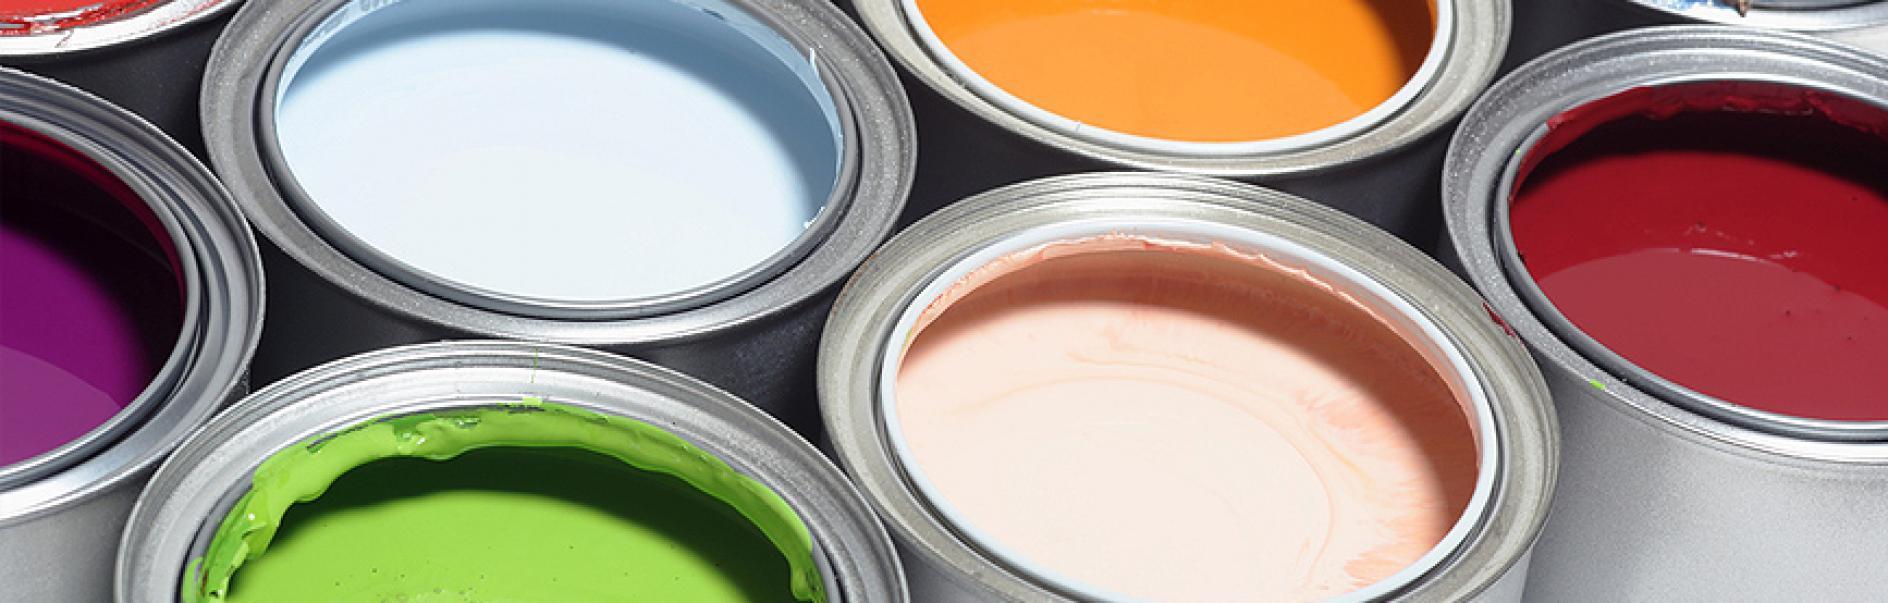 4 Como tirar mancha de tinta acrílica ou verniz de roupa